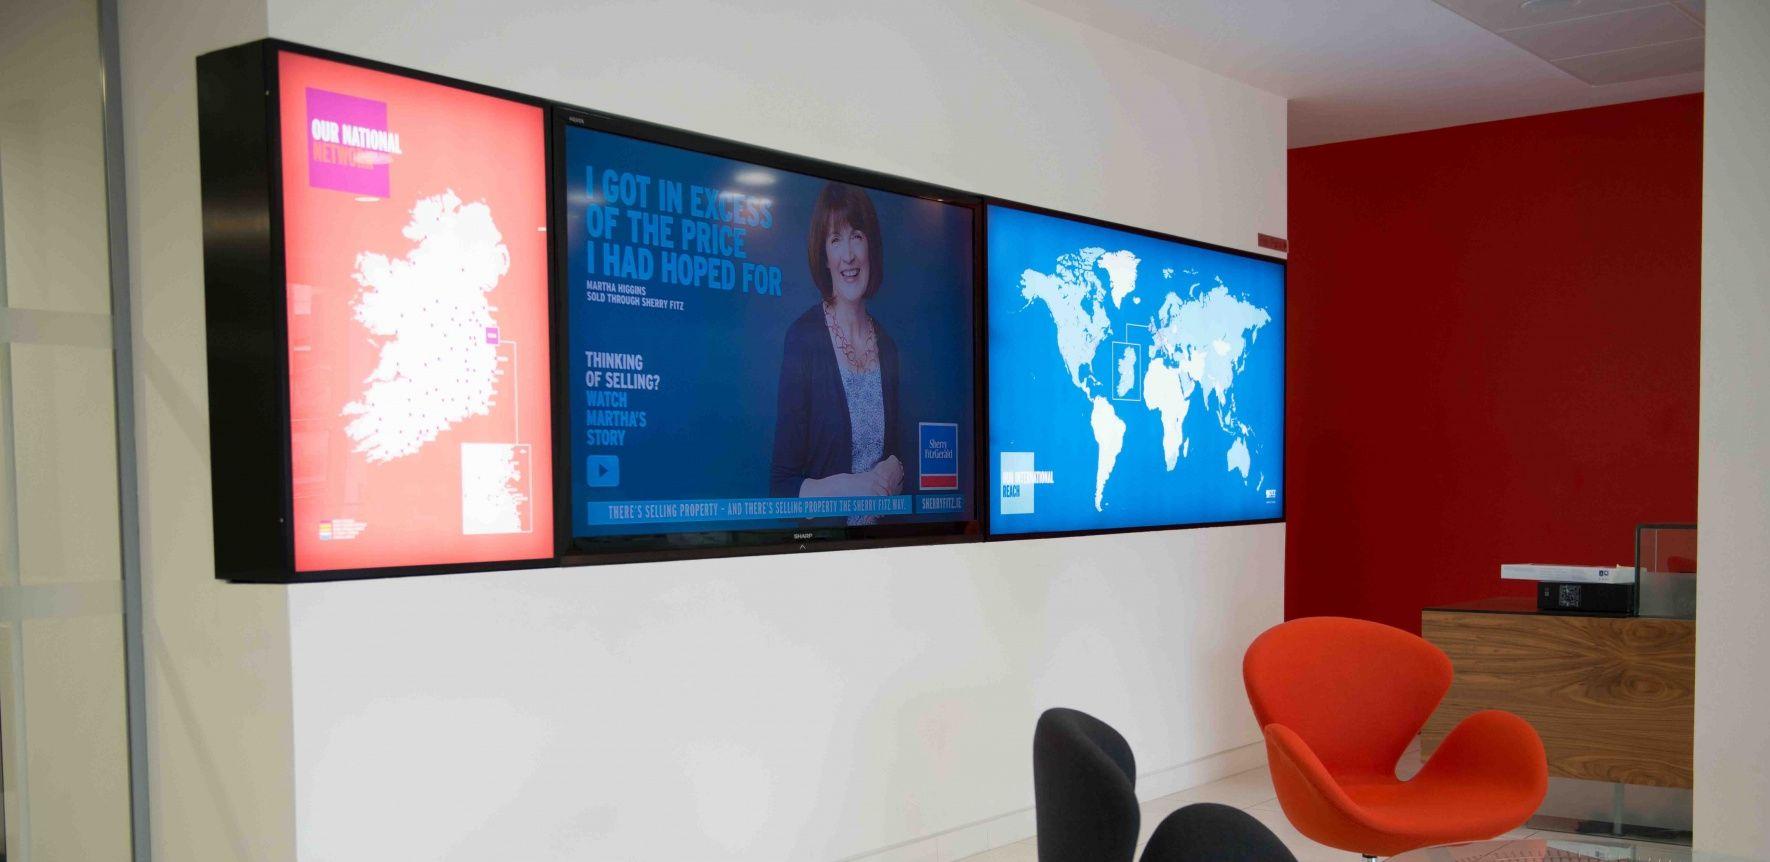 IQ Group LED Lightbox - IQ Branding Solutions for Light Box Branding  103wja